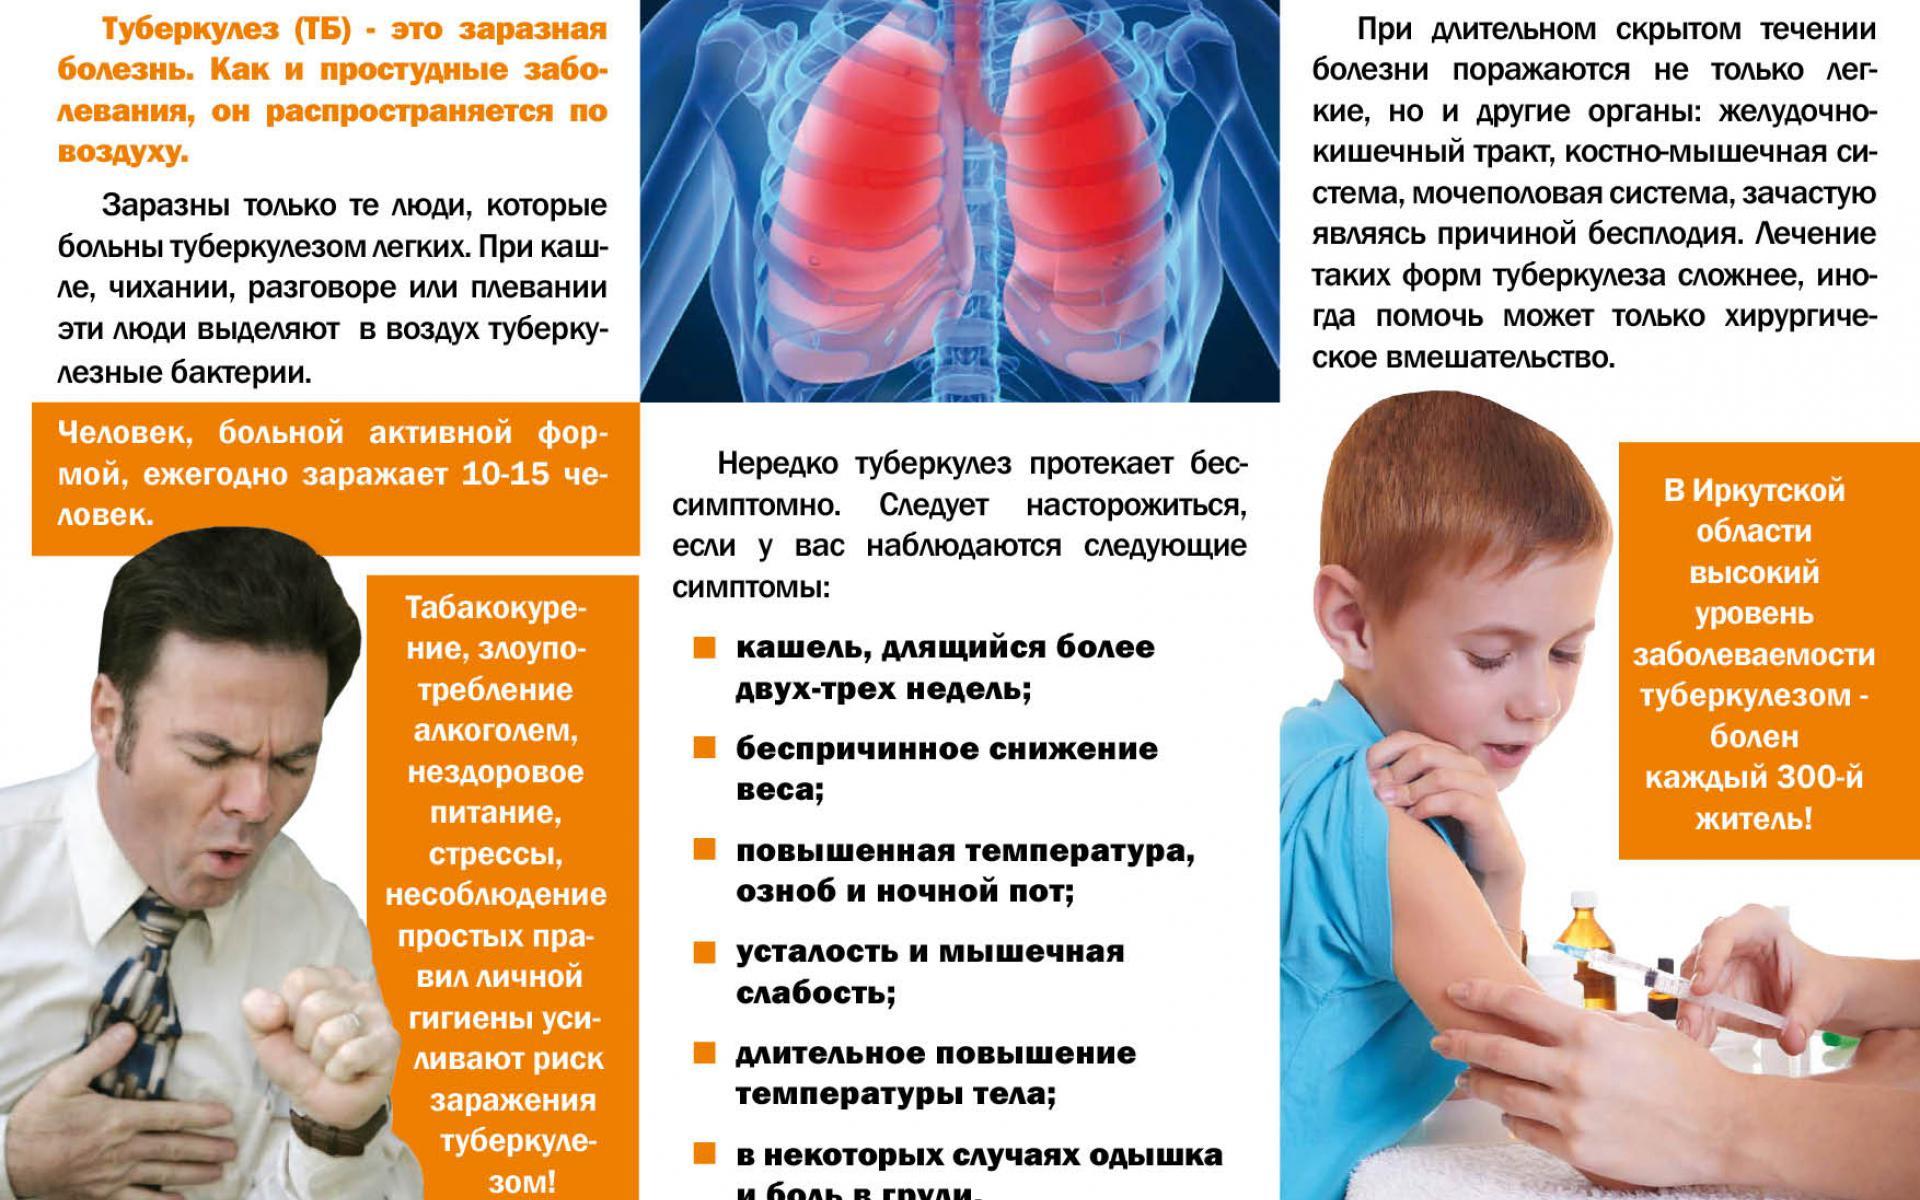 Как быстро вылечить сухой кашель в домашних условиях 75